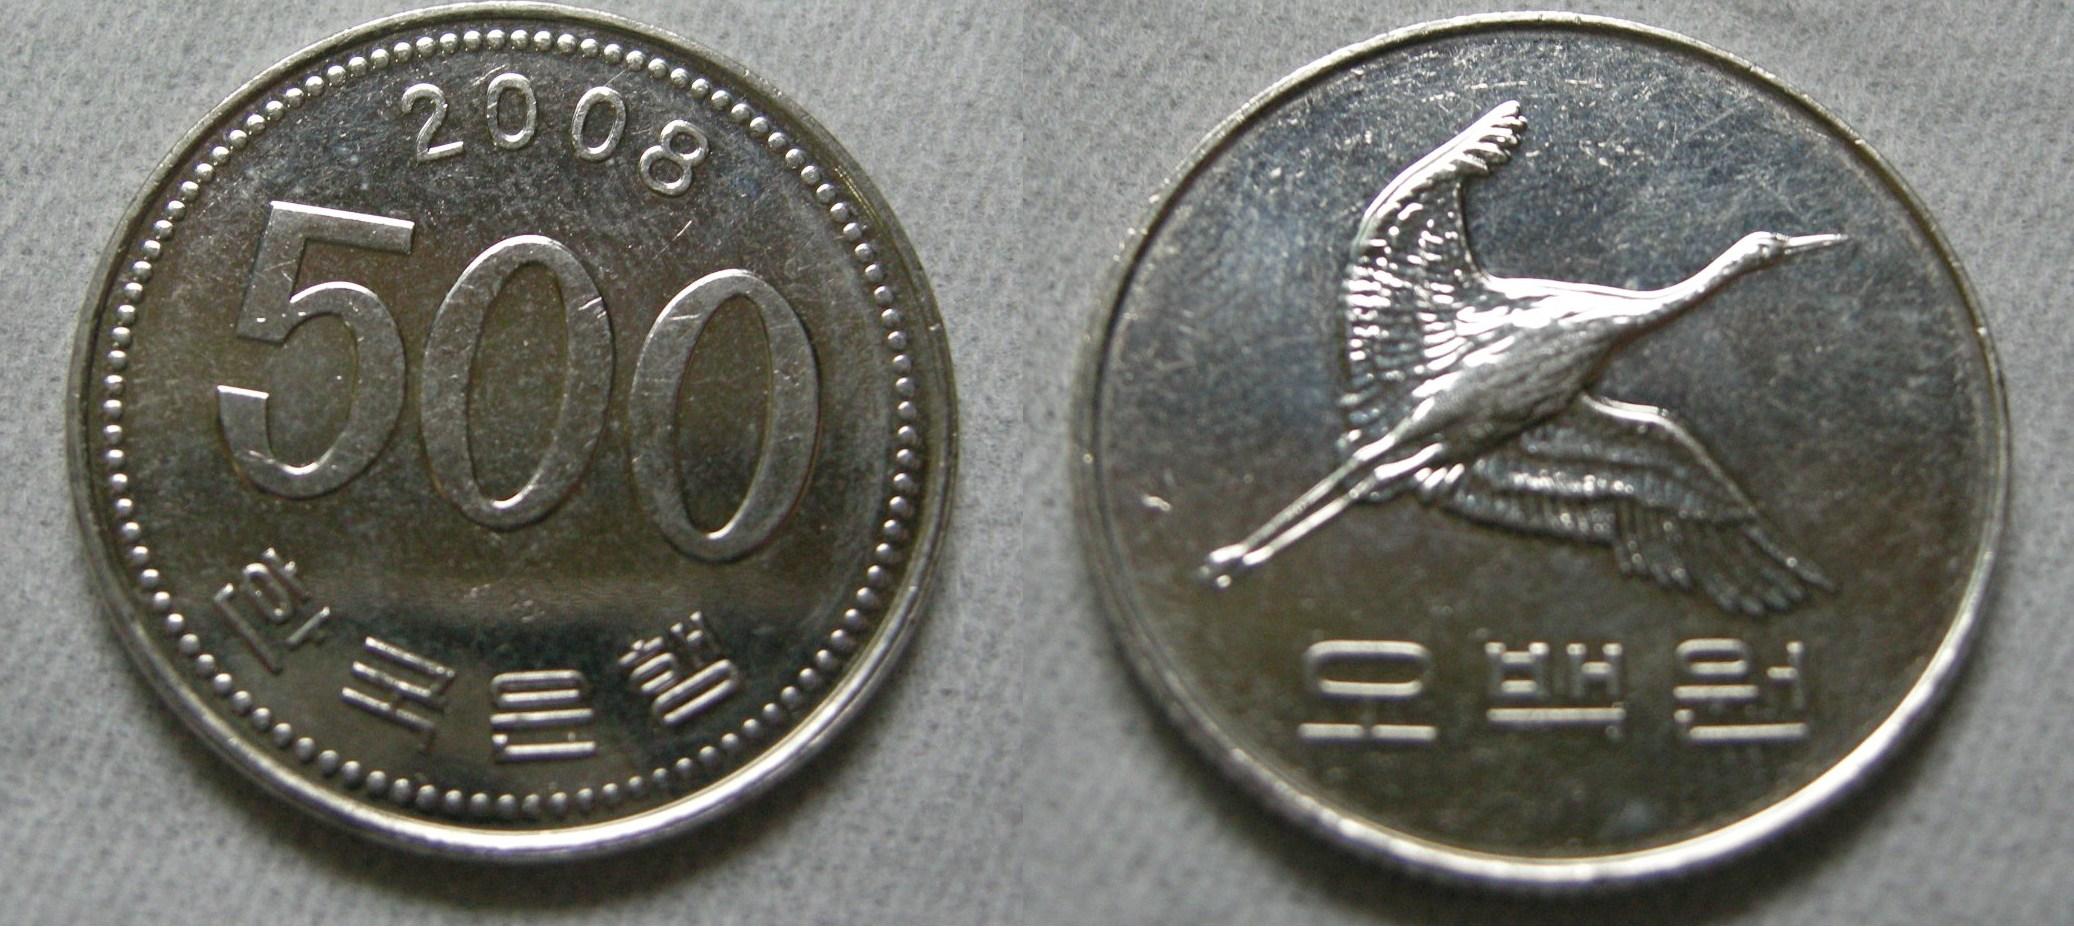 500-won-coin.jpg